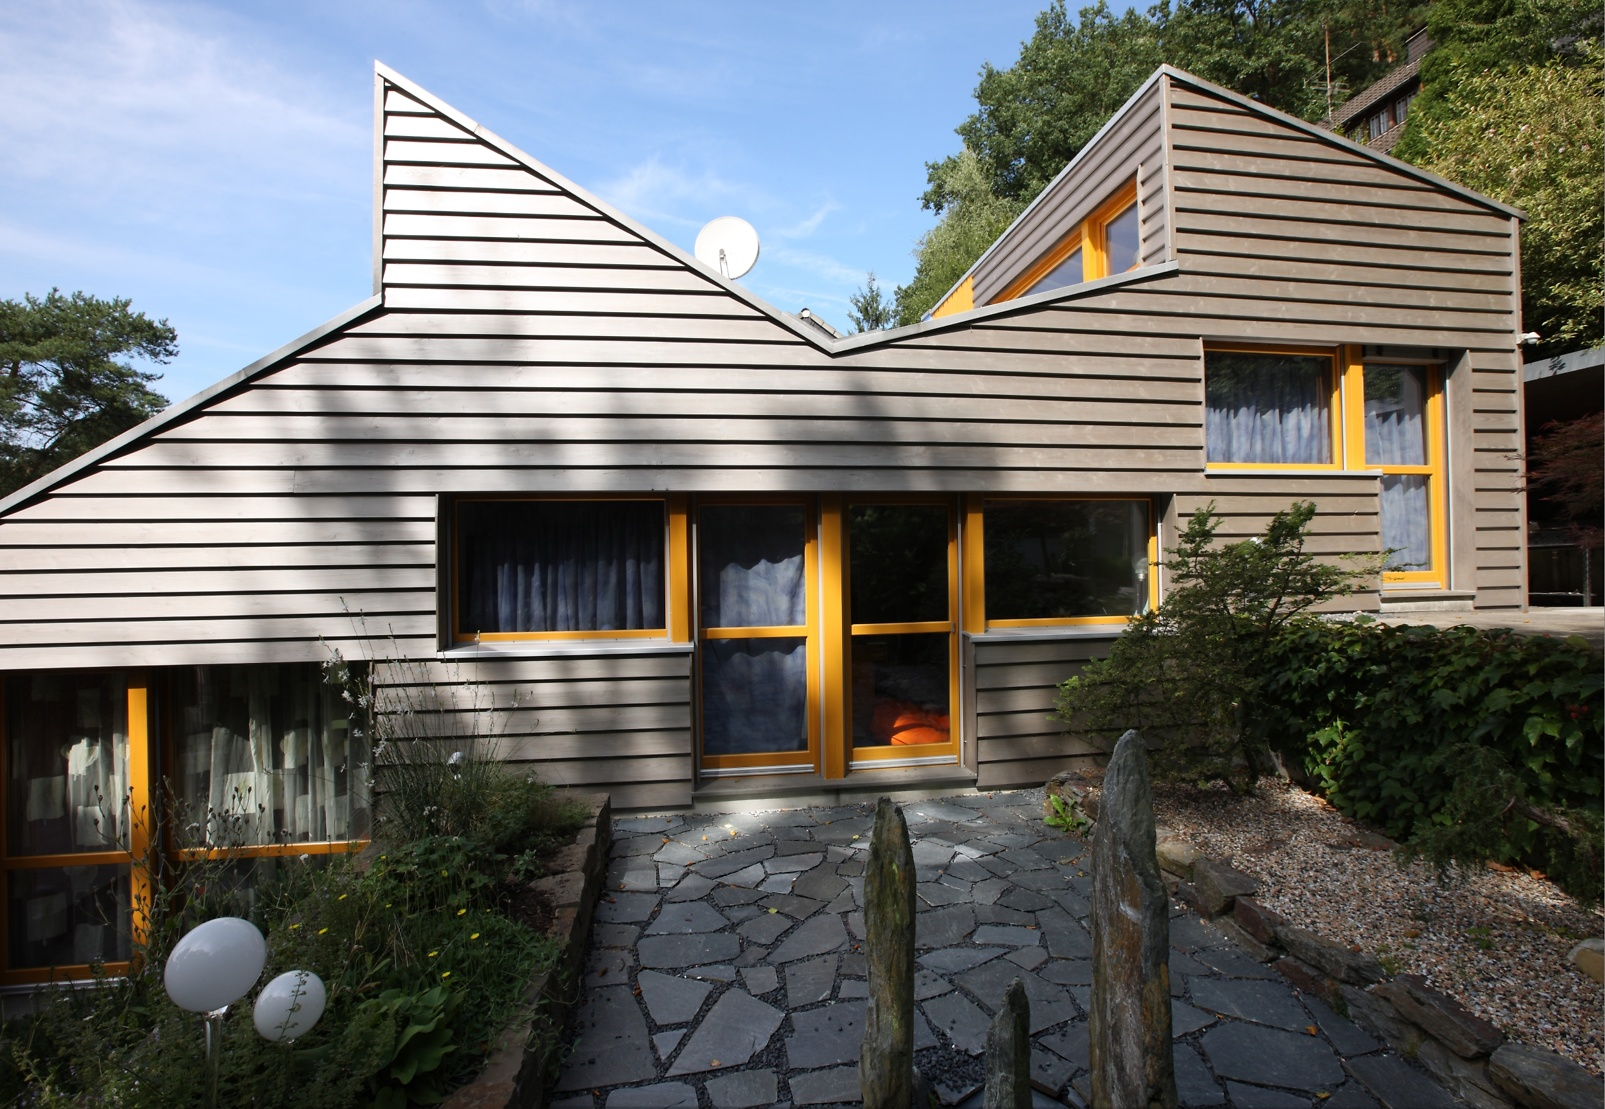 Exquisit Welche Fassadenfarbe Passt Zu Braunen Fenstern Galerie Von Zur Referenz-Übersicht